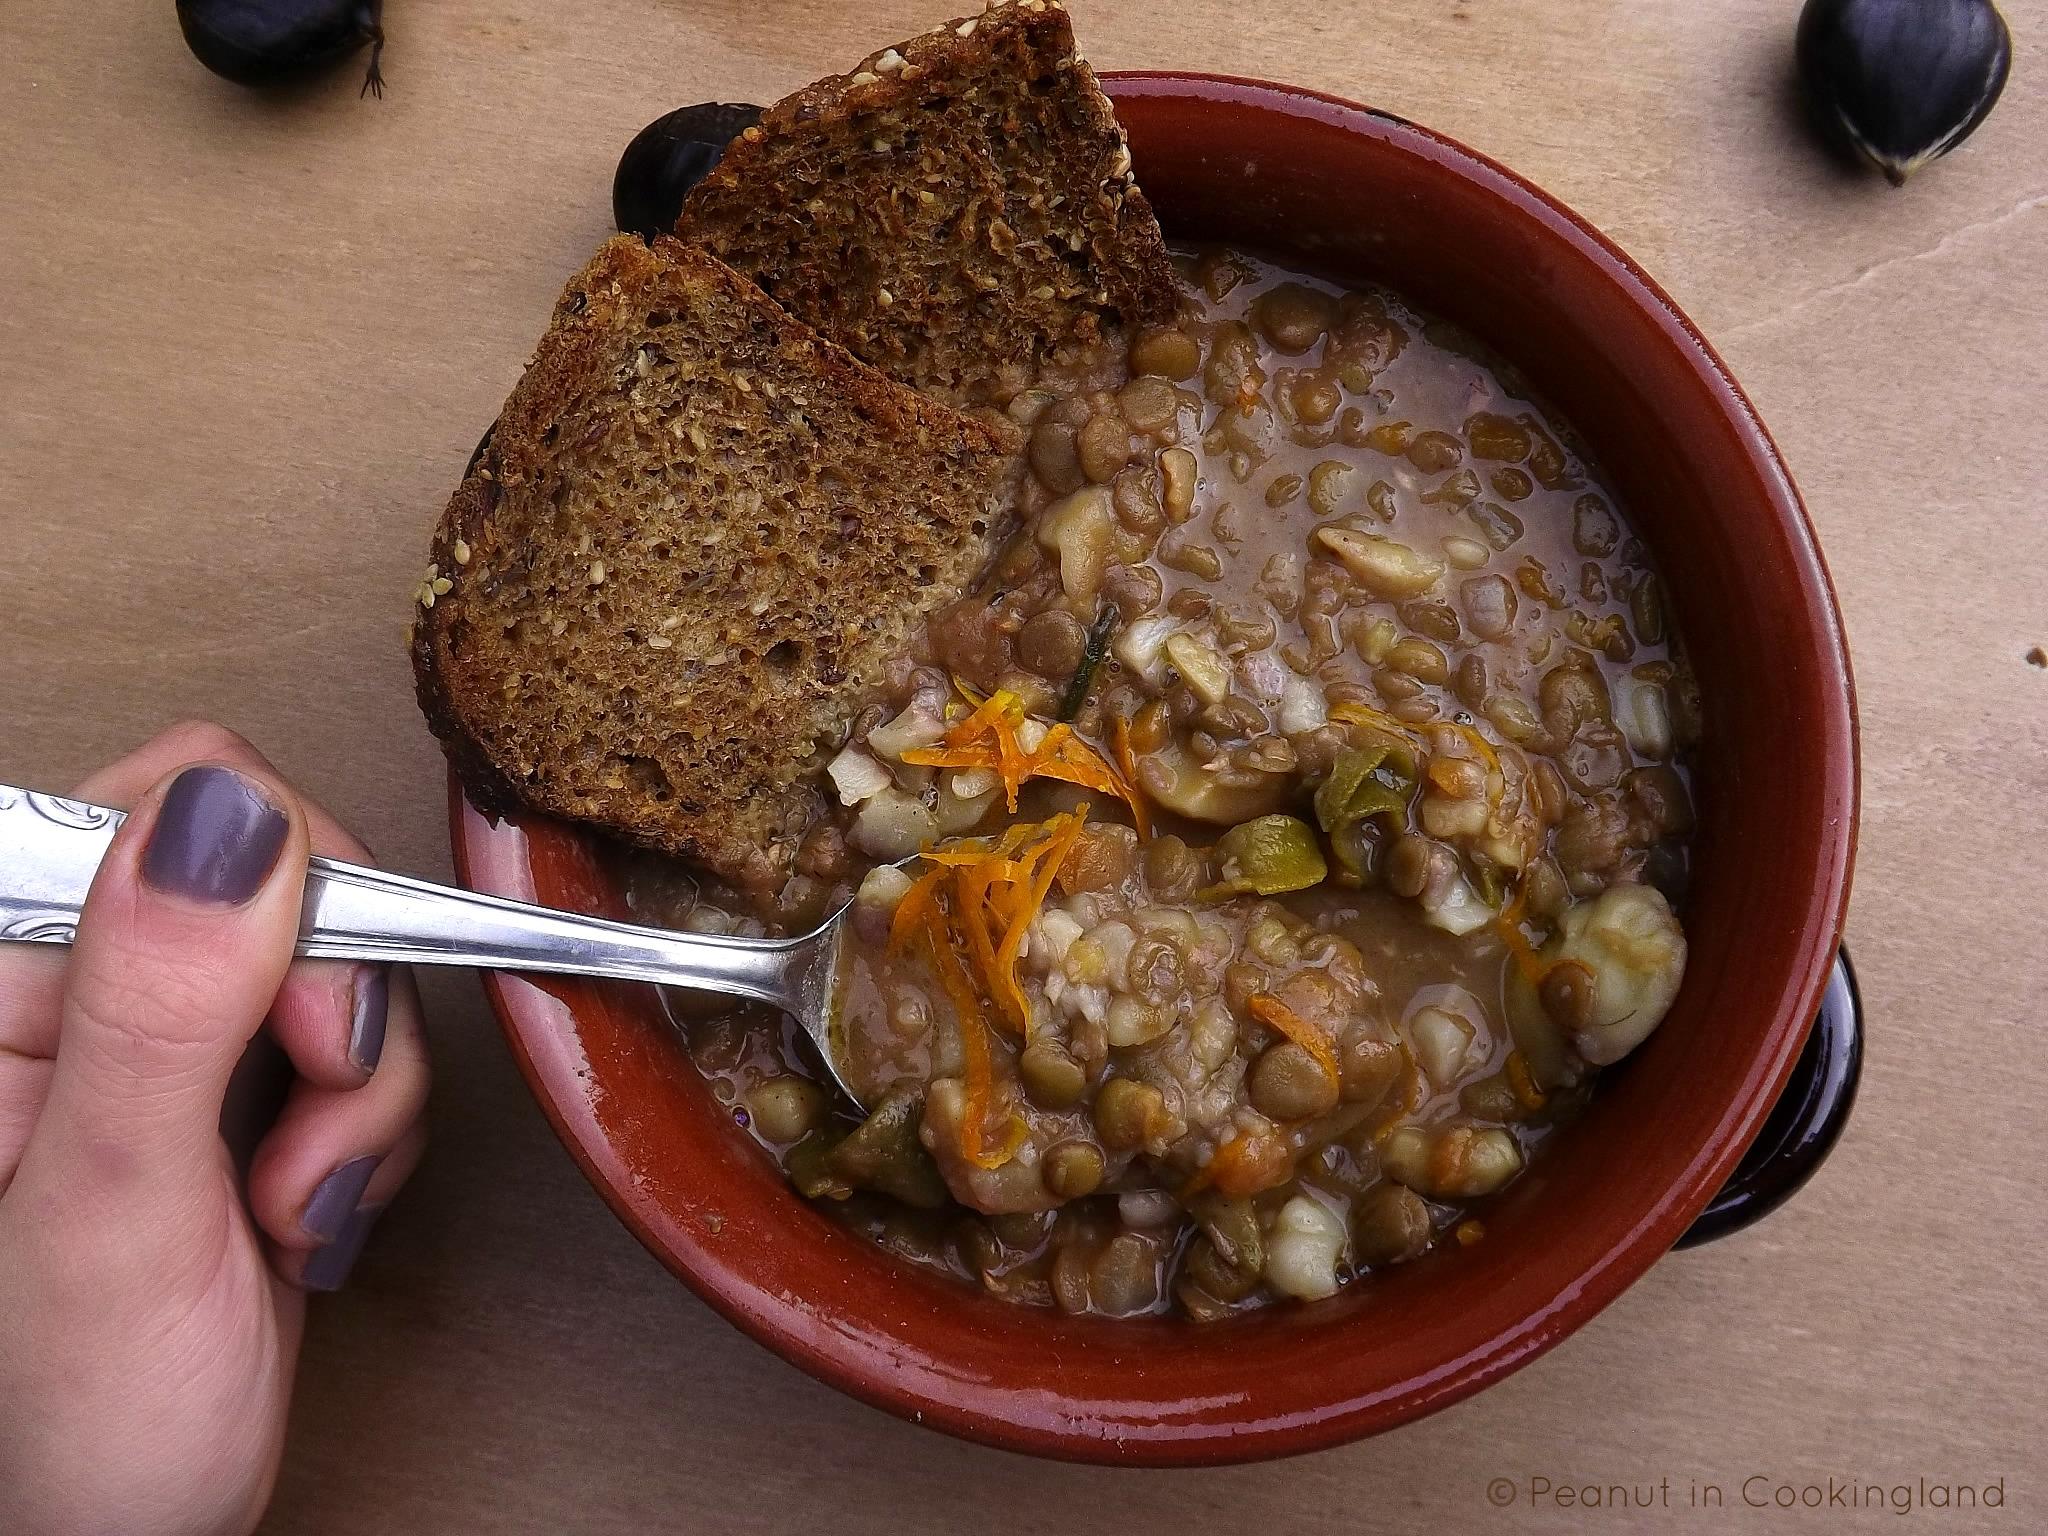 Lentil and chestnut soup with orange zest